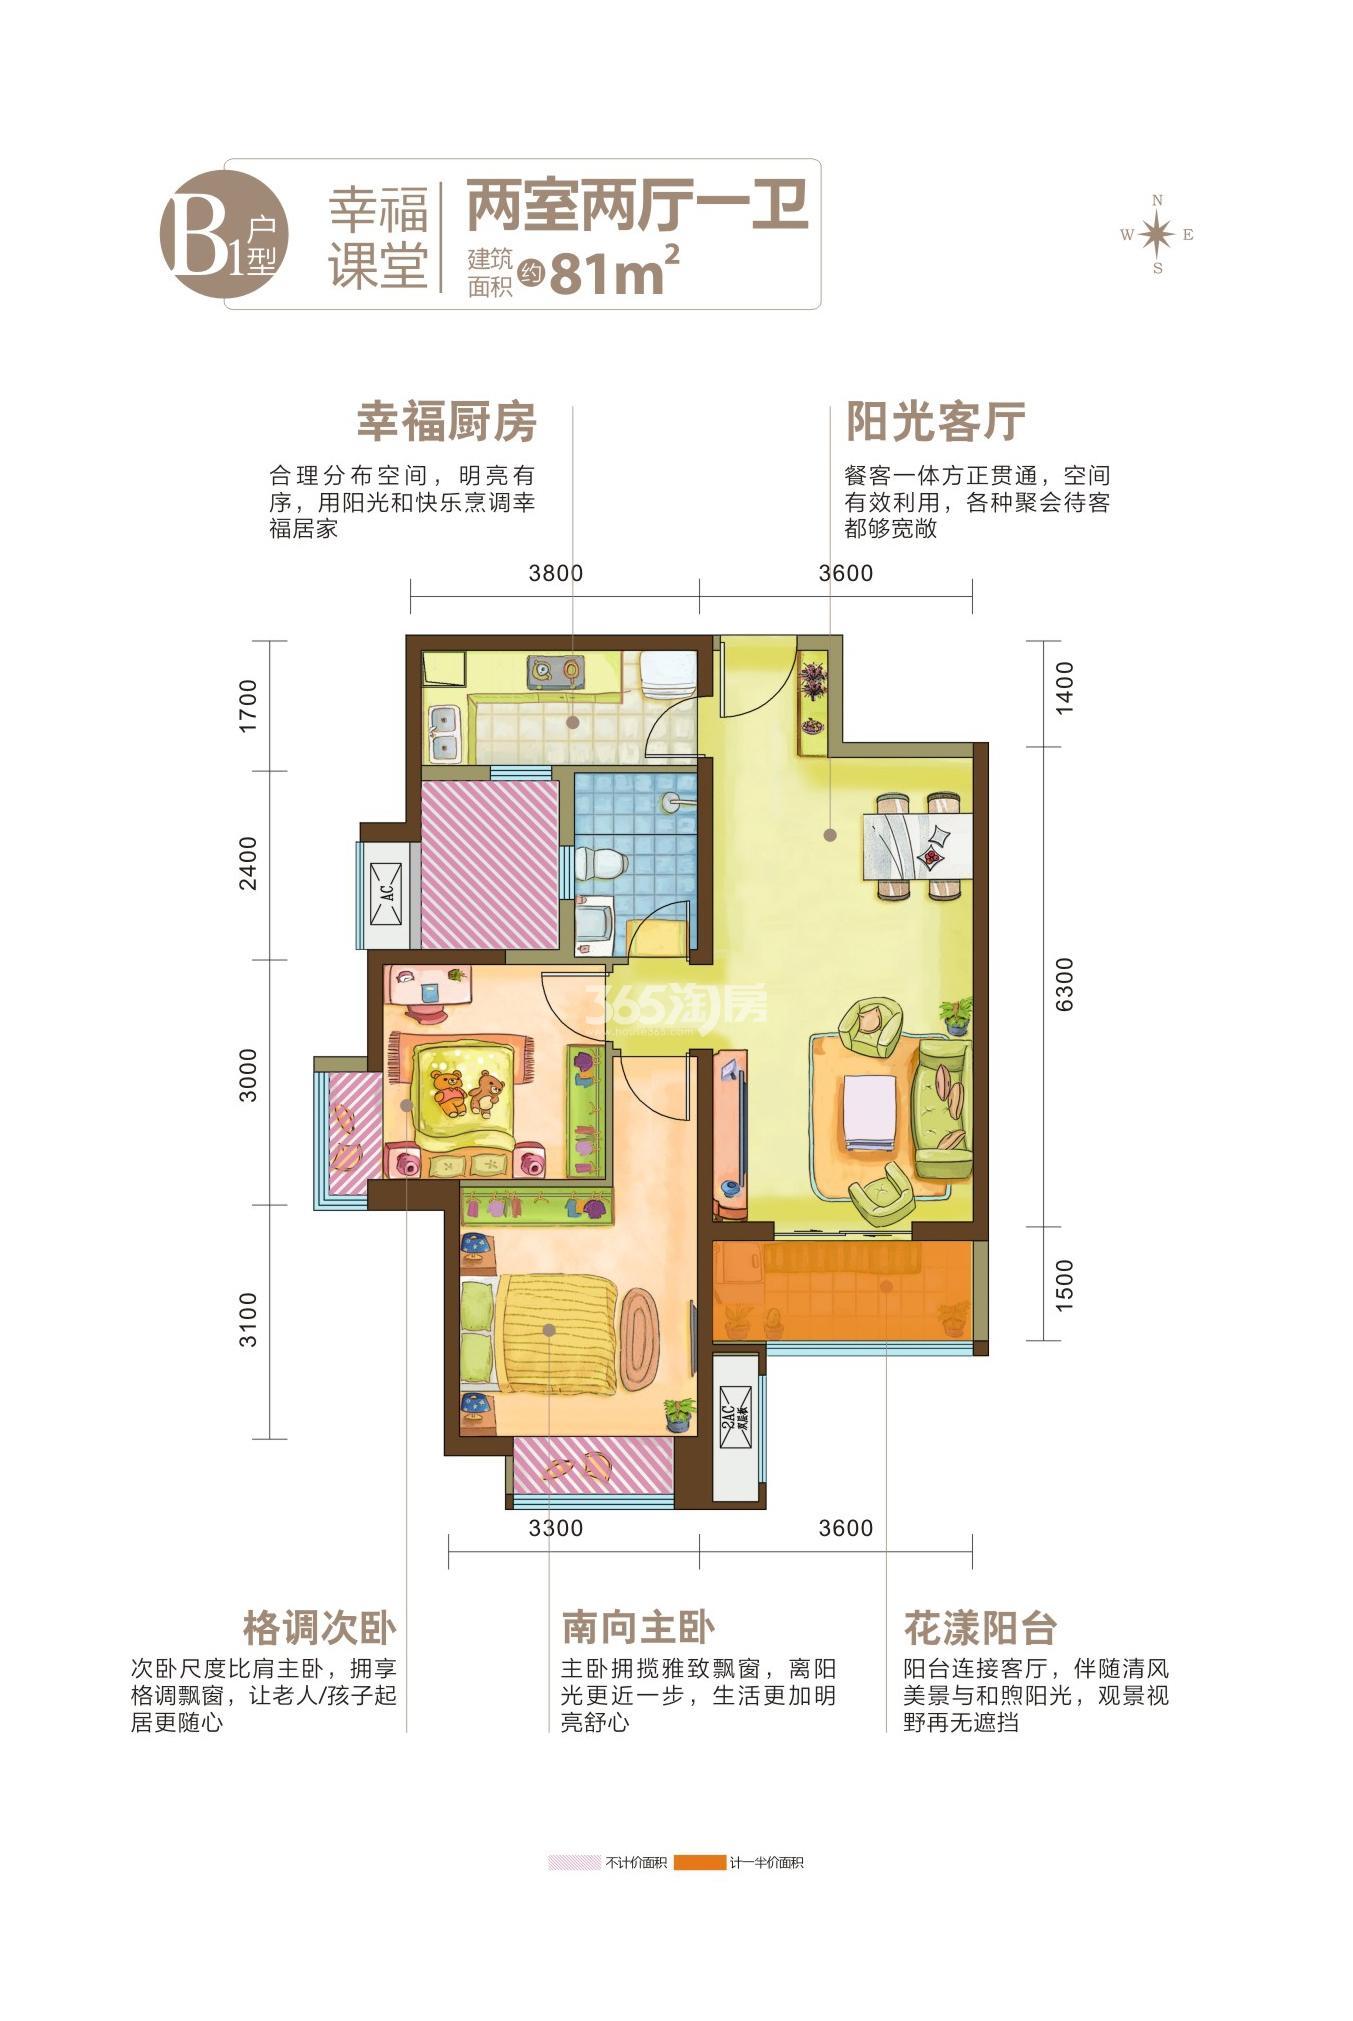 御锦城9期智慧树两室两厅一卫81㎡